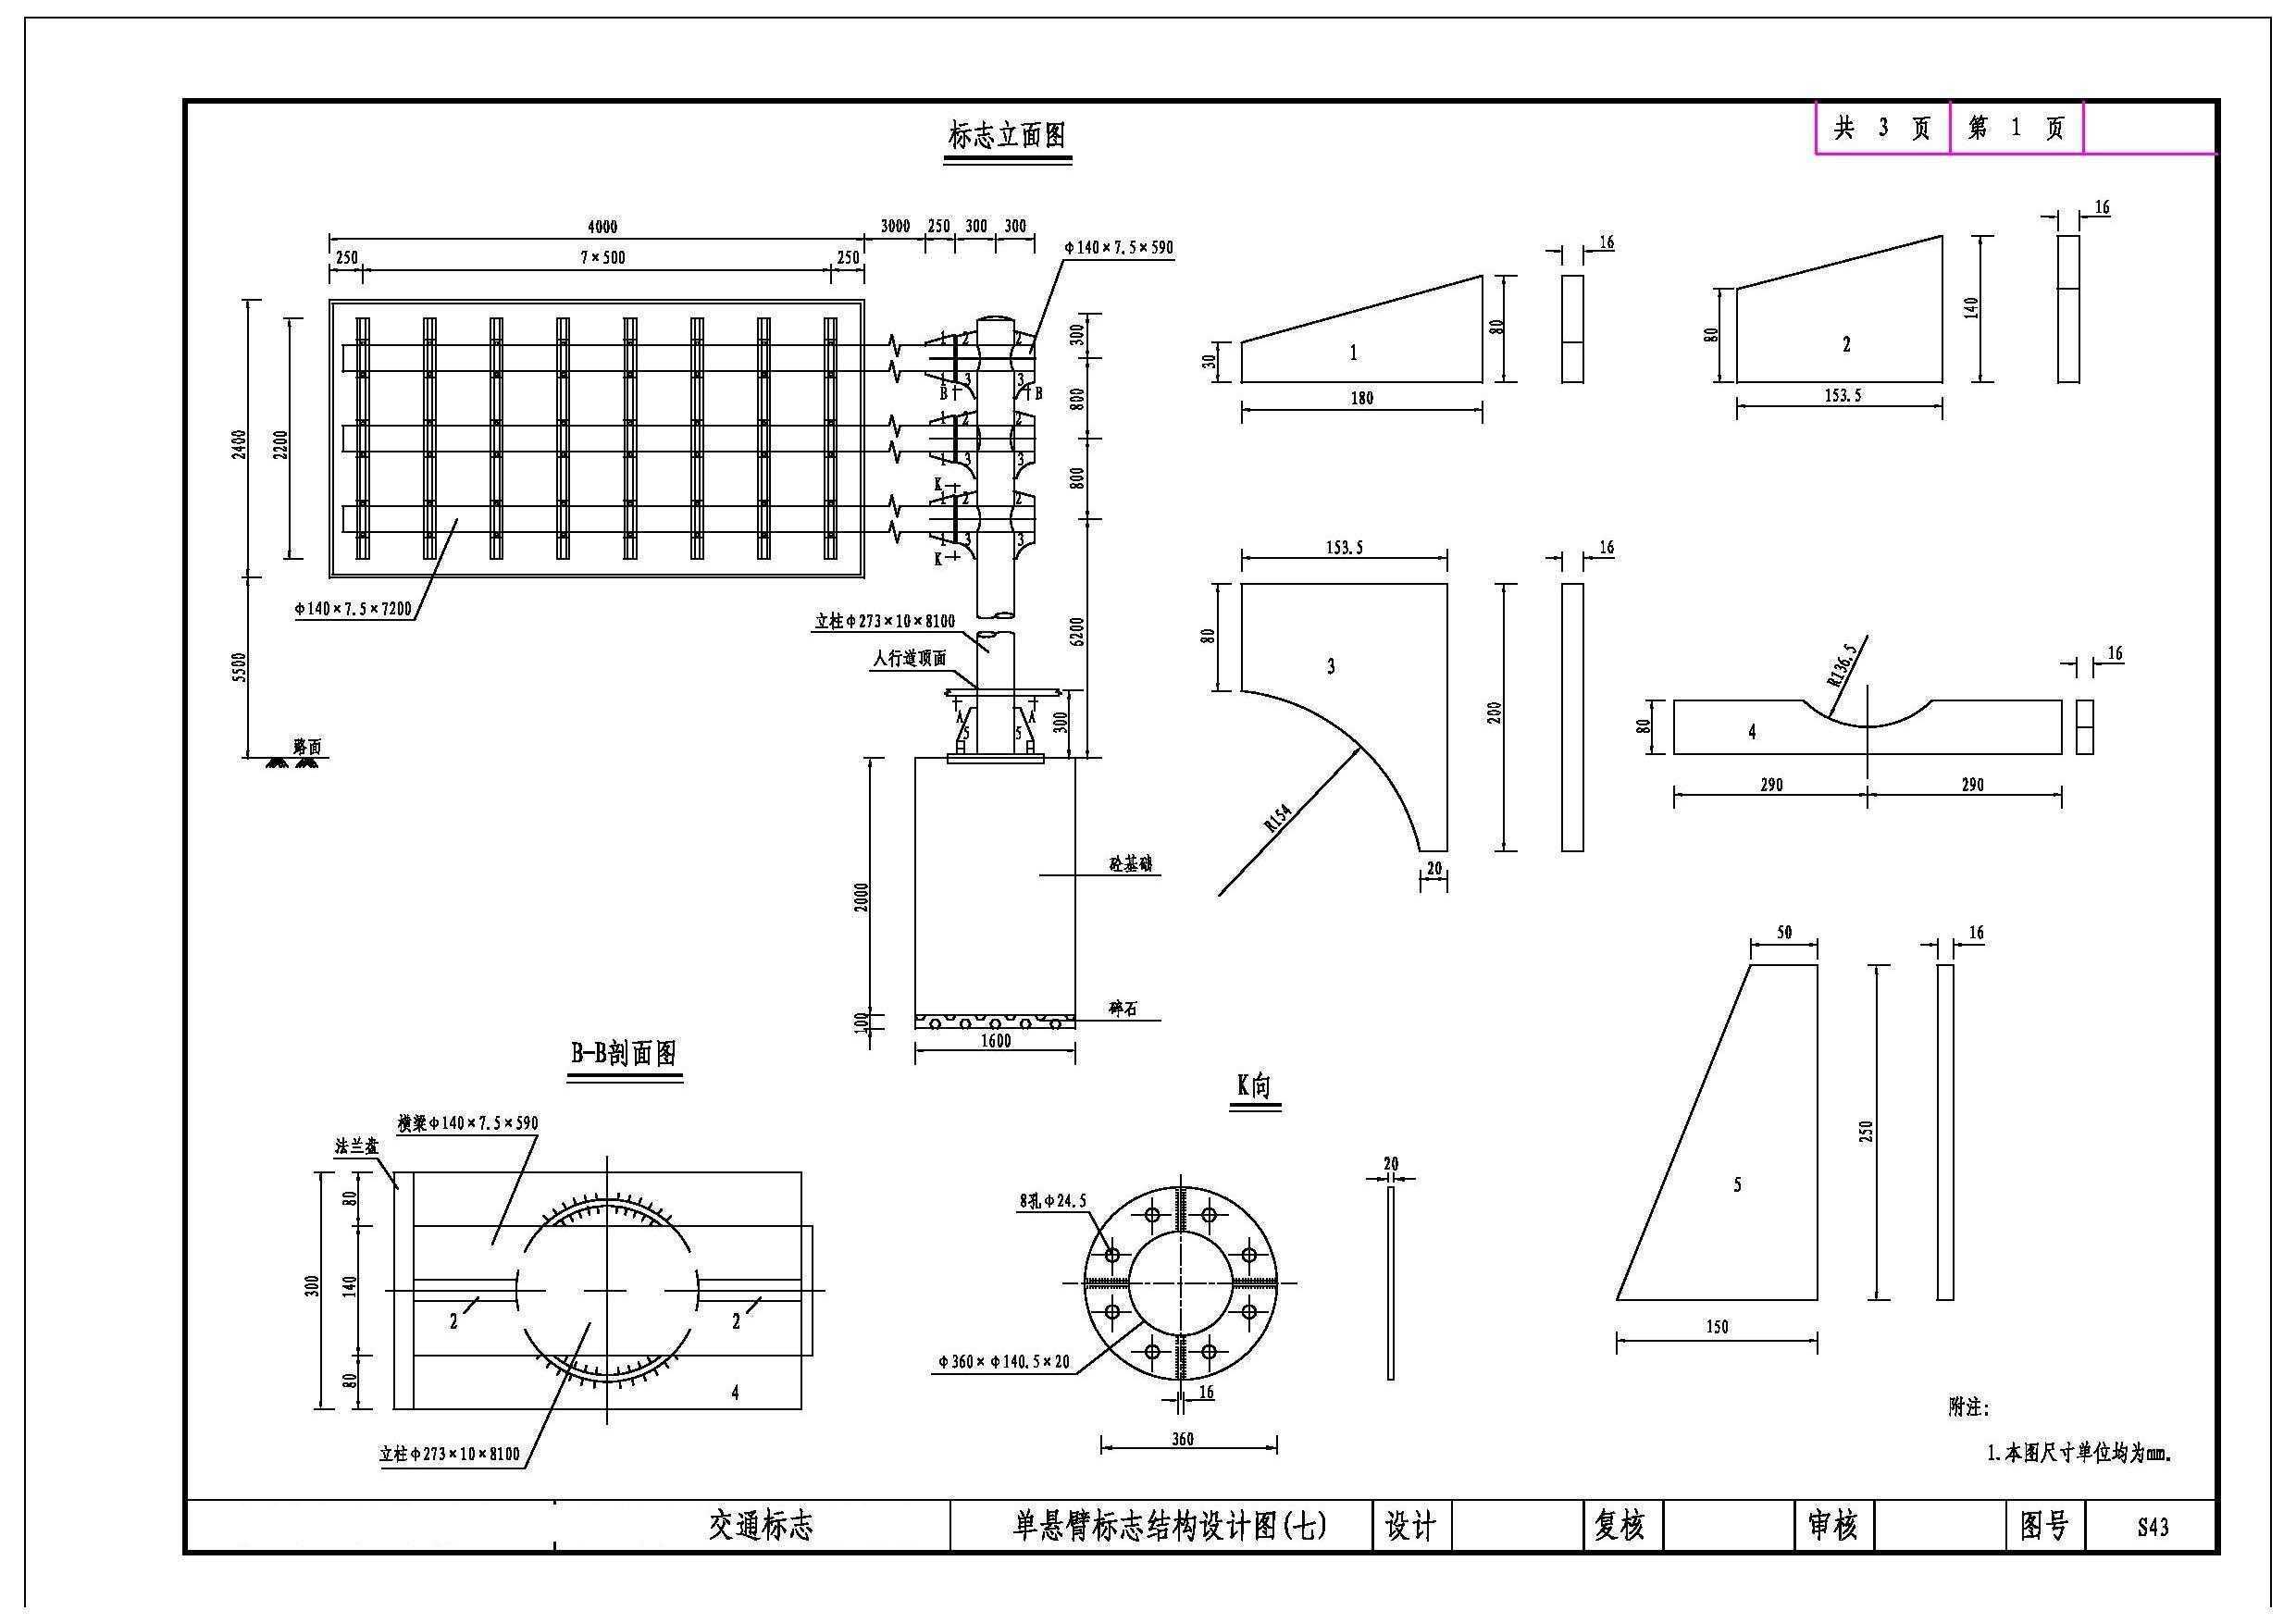 单悬臂标志结构设计图免费下载 - 道路桥梁 - 土木